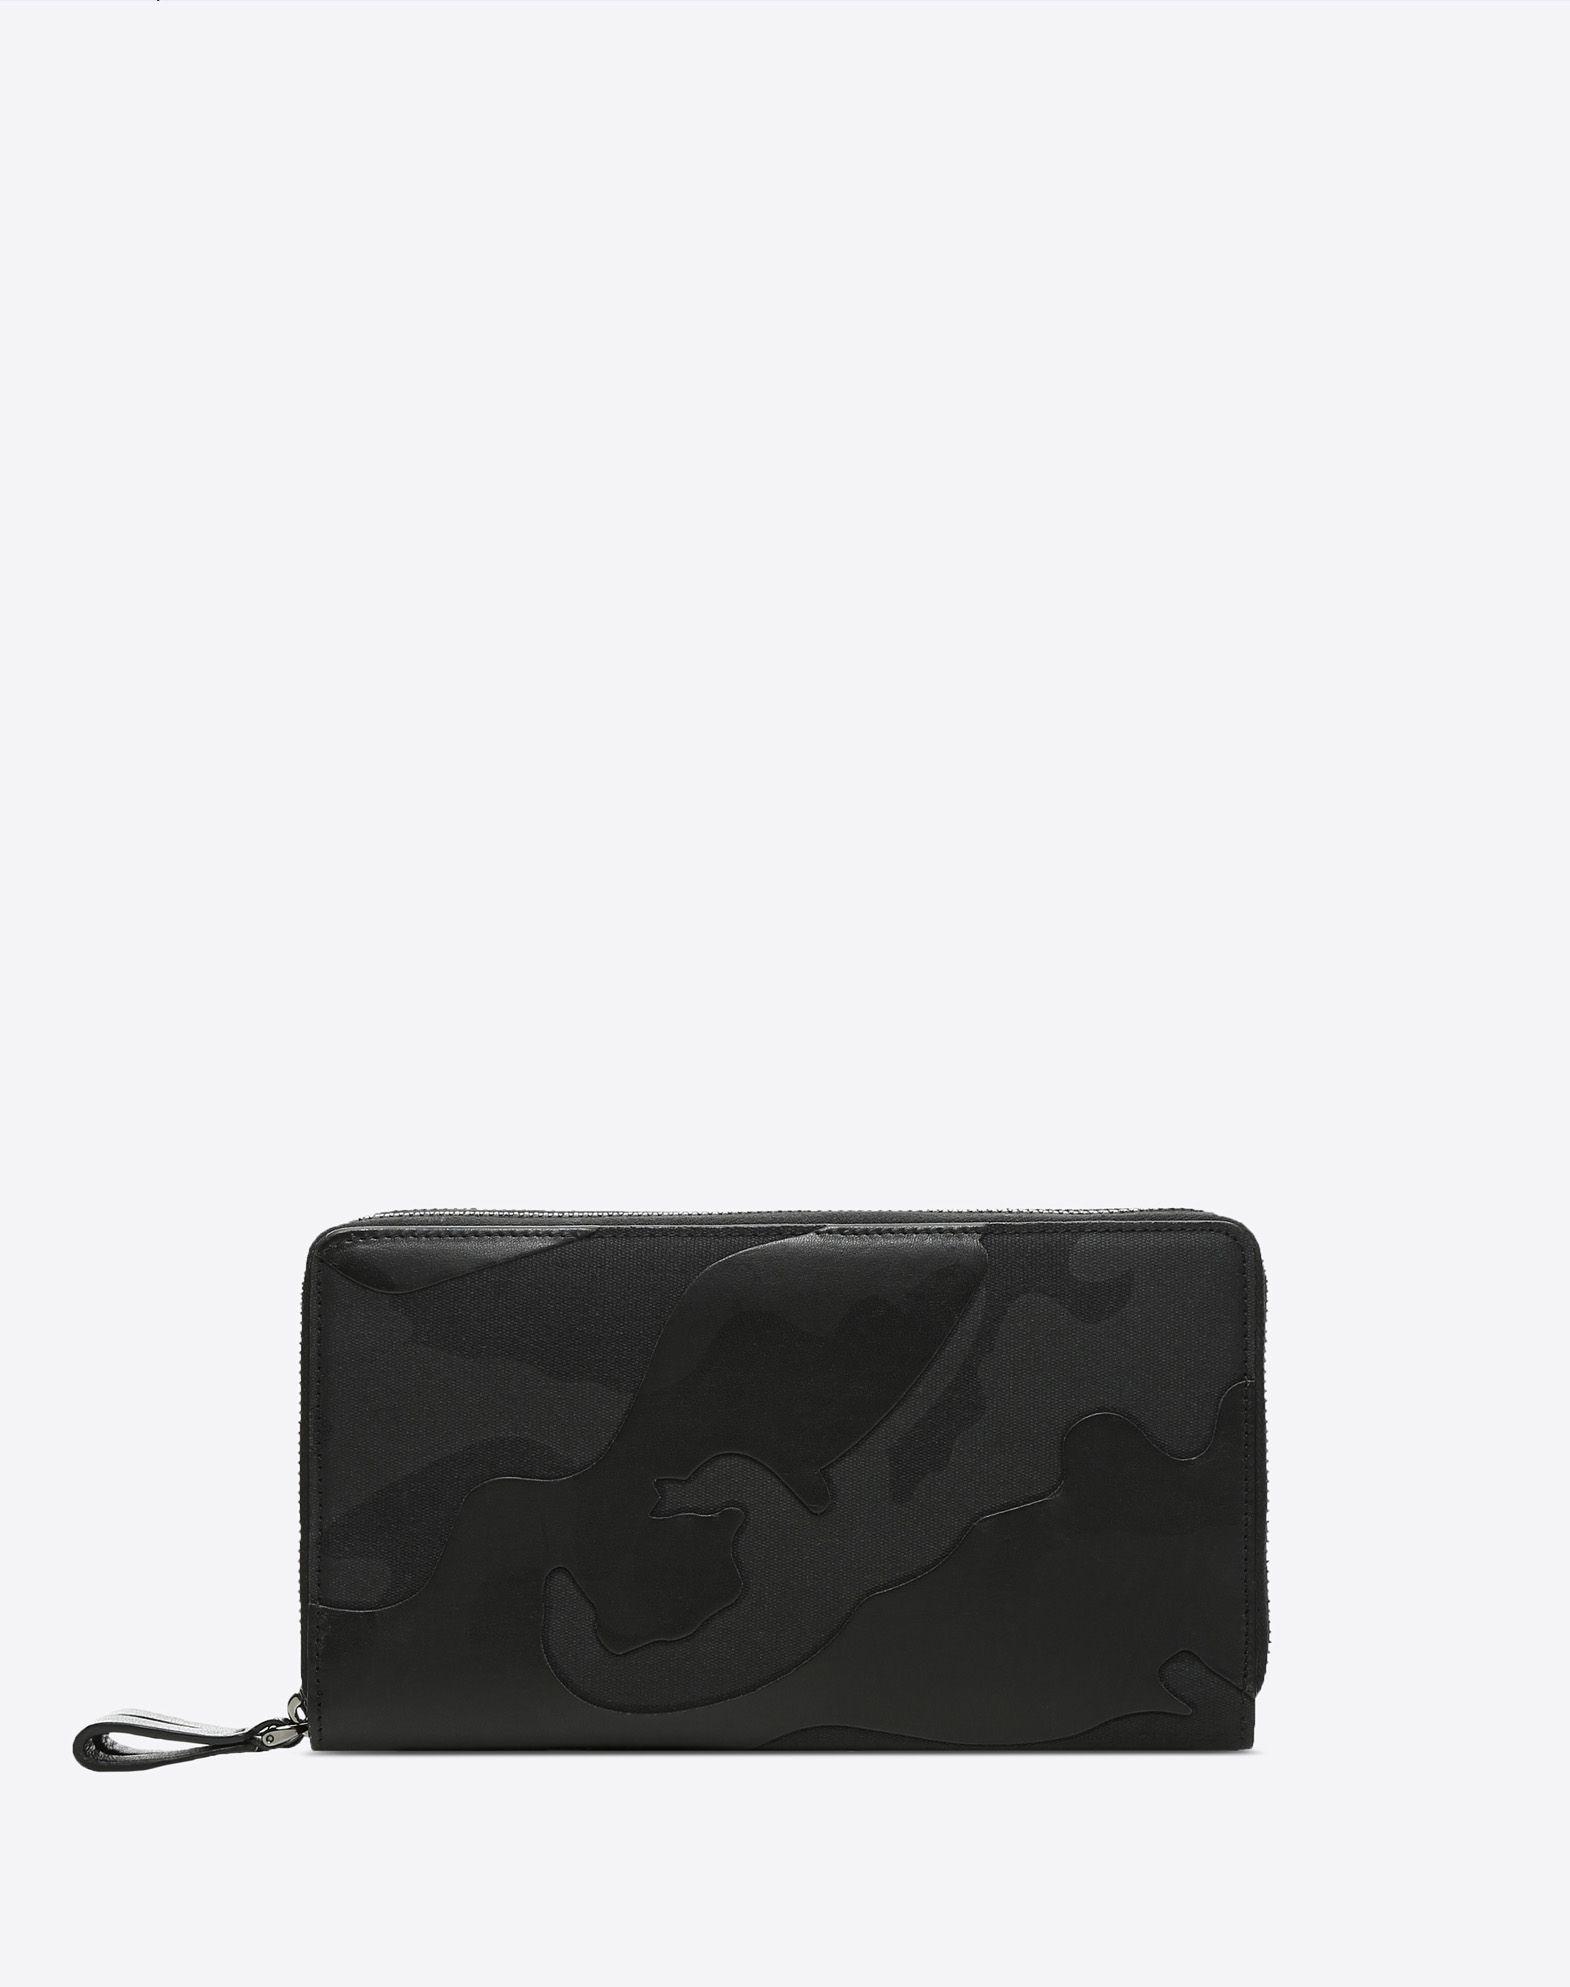 VALENTINO GARAVANI UOMO Camouflage Noir wallet ZIP AROUND WALLETS U f